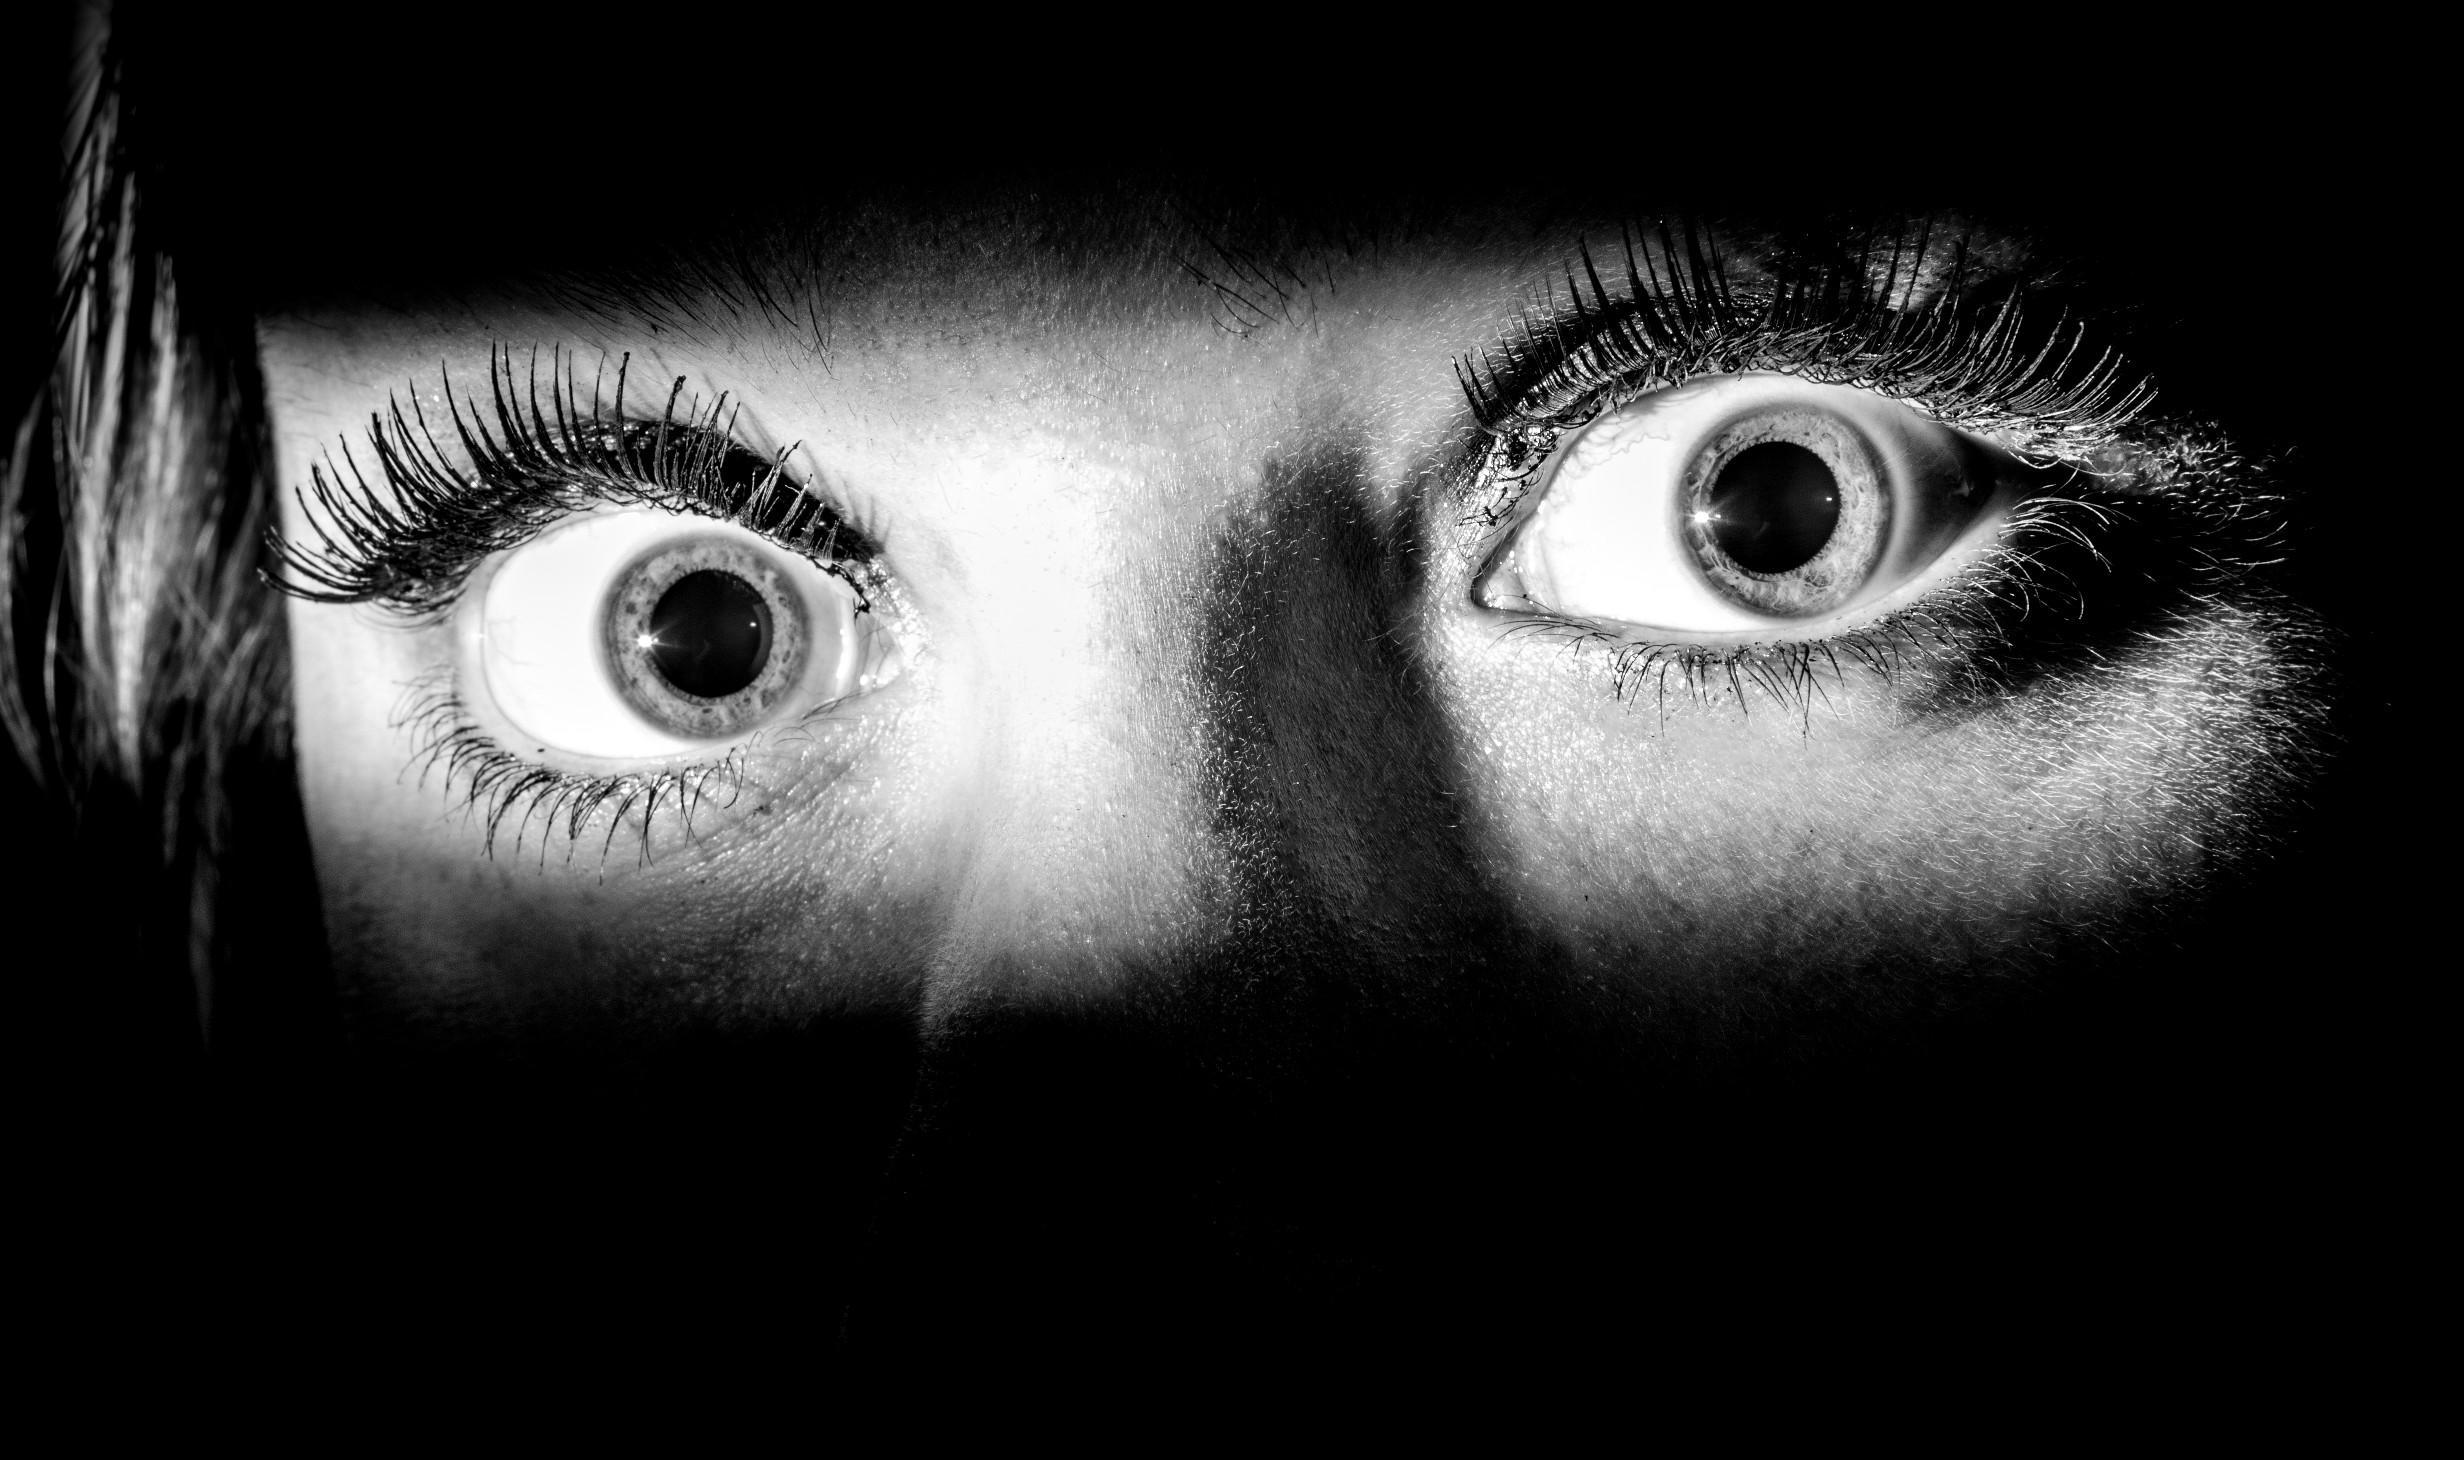 Расстояние до опасного незнакомца повлияло на реакцию страха в мозге